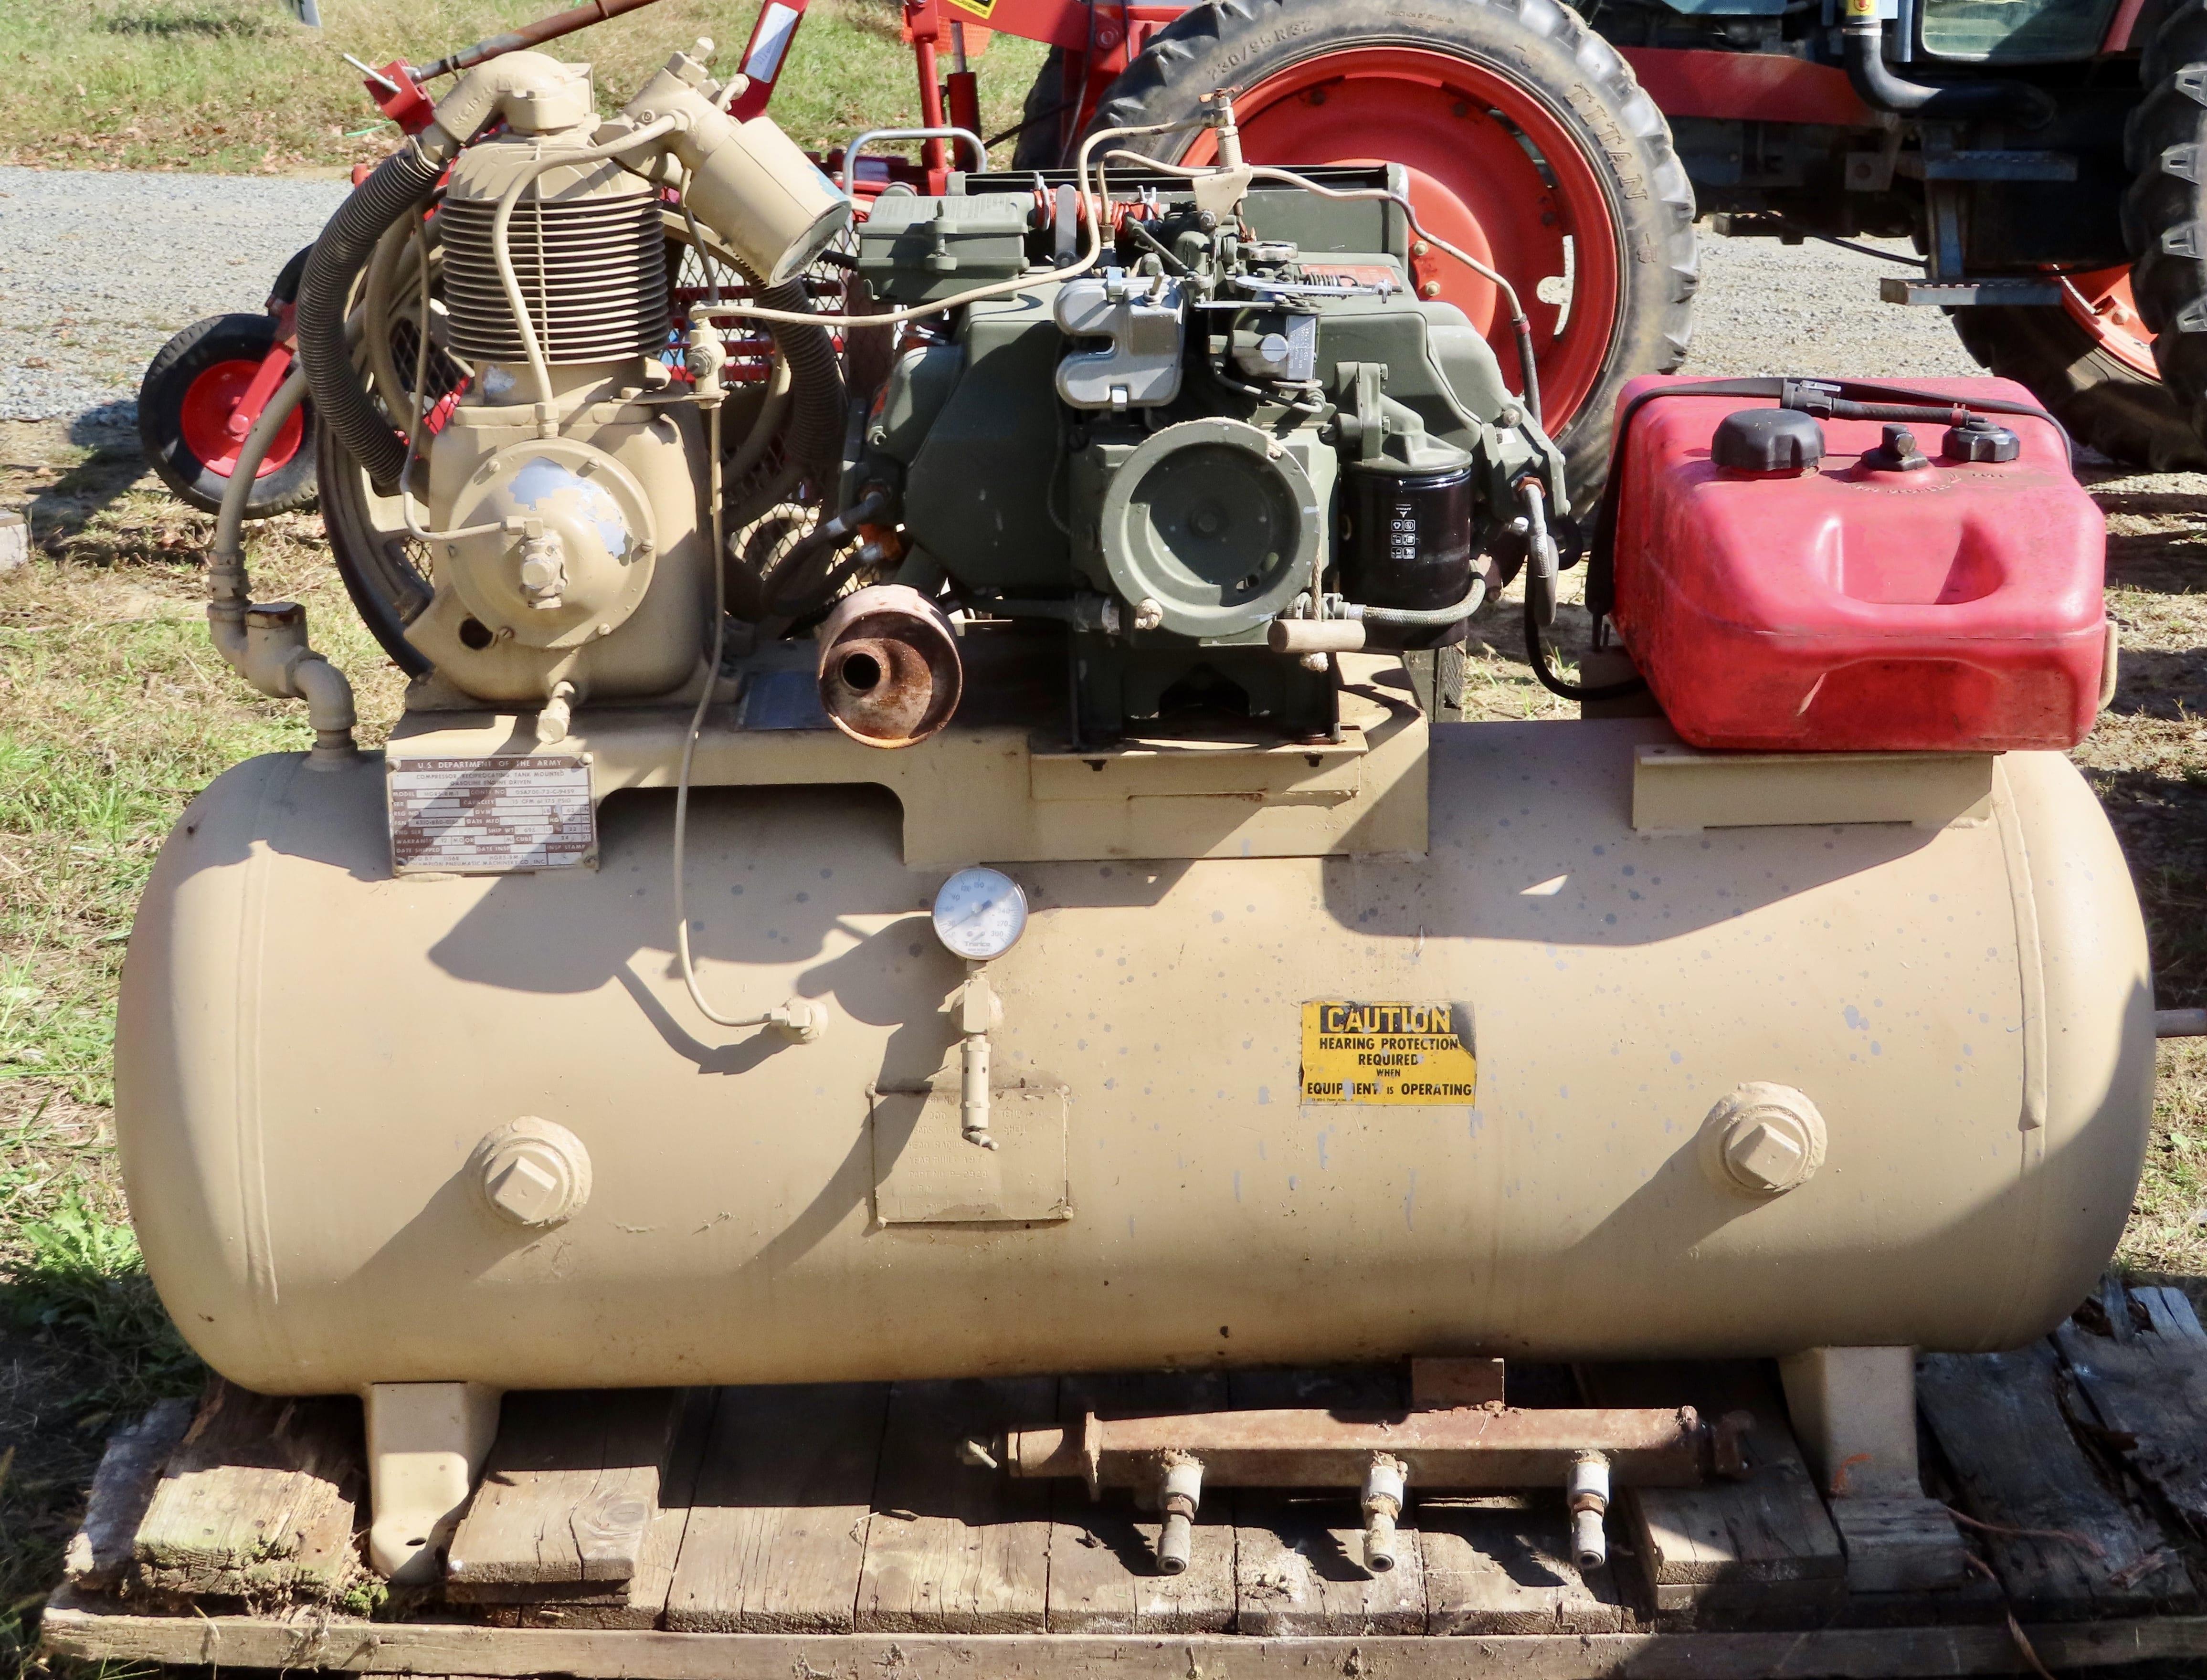 Vietnam-era military air compressor for sale